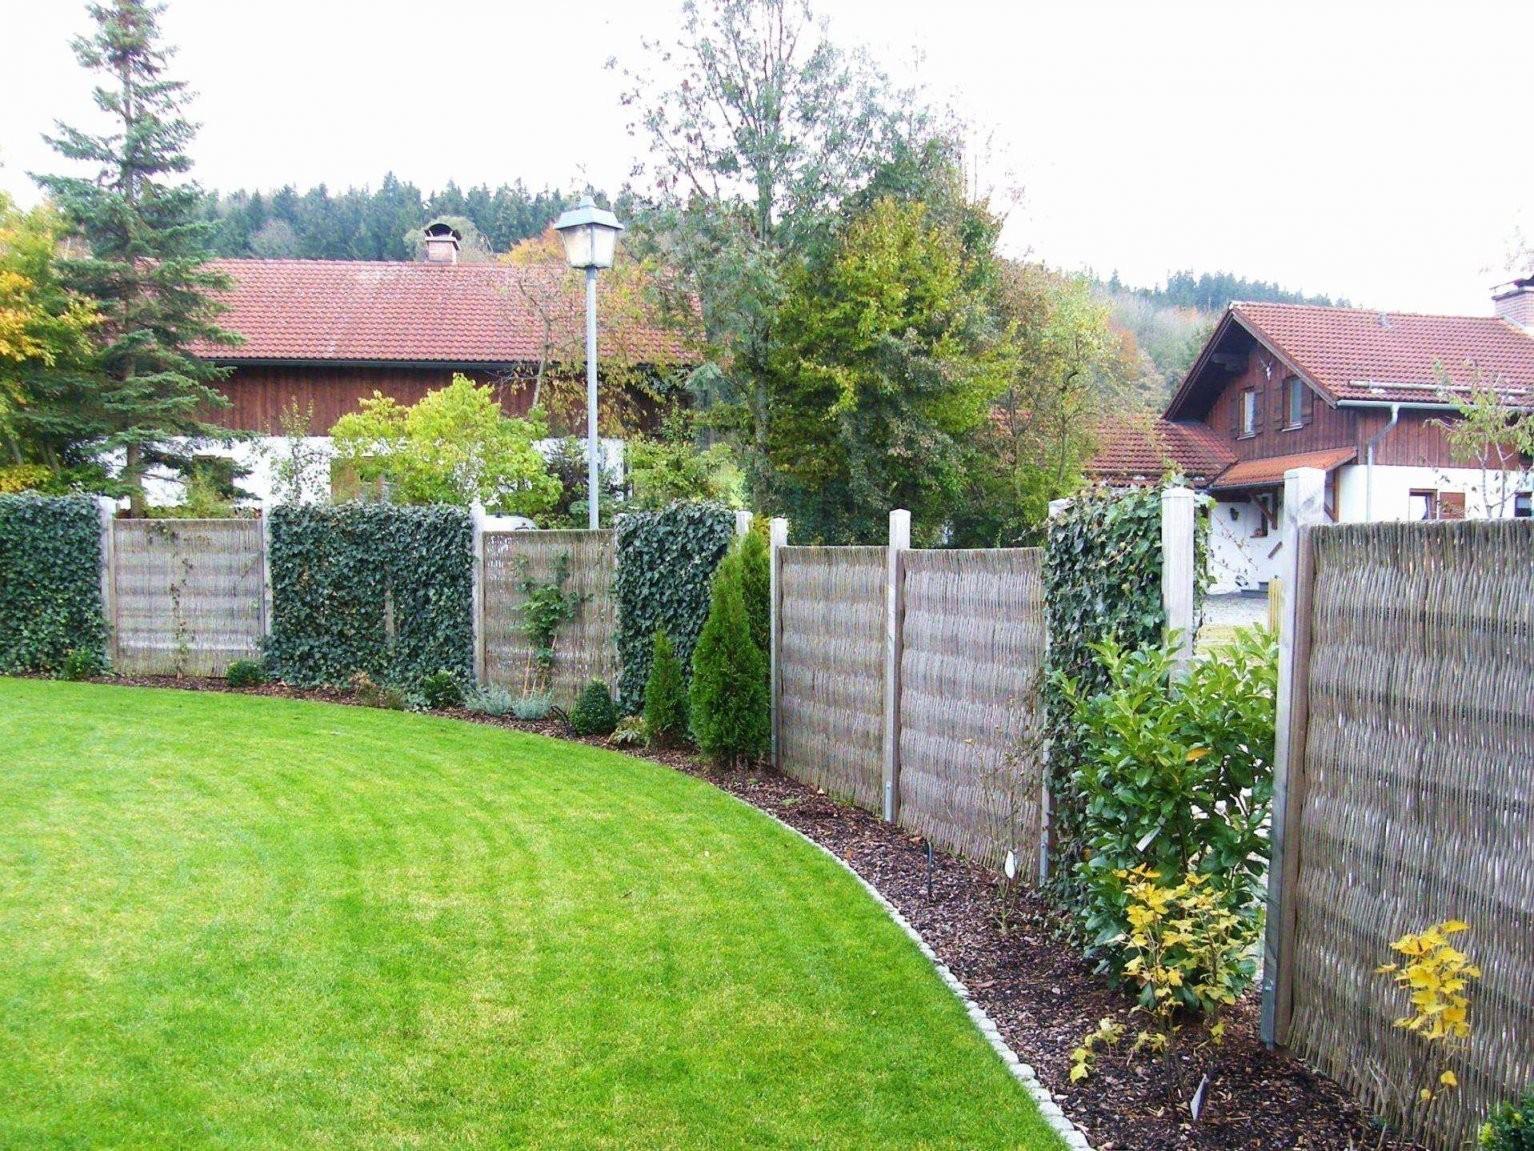 Sichtschutz Zum Nachbarn Ideen Schön Sichtschutz Ideen Für Terrasse von Sichtschutz Zum Nachbarn Ideen Bild